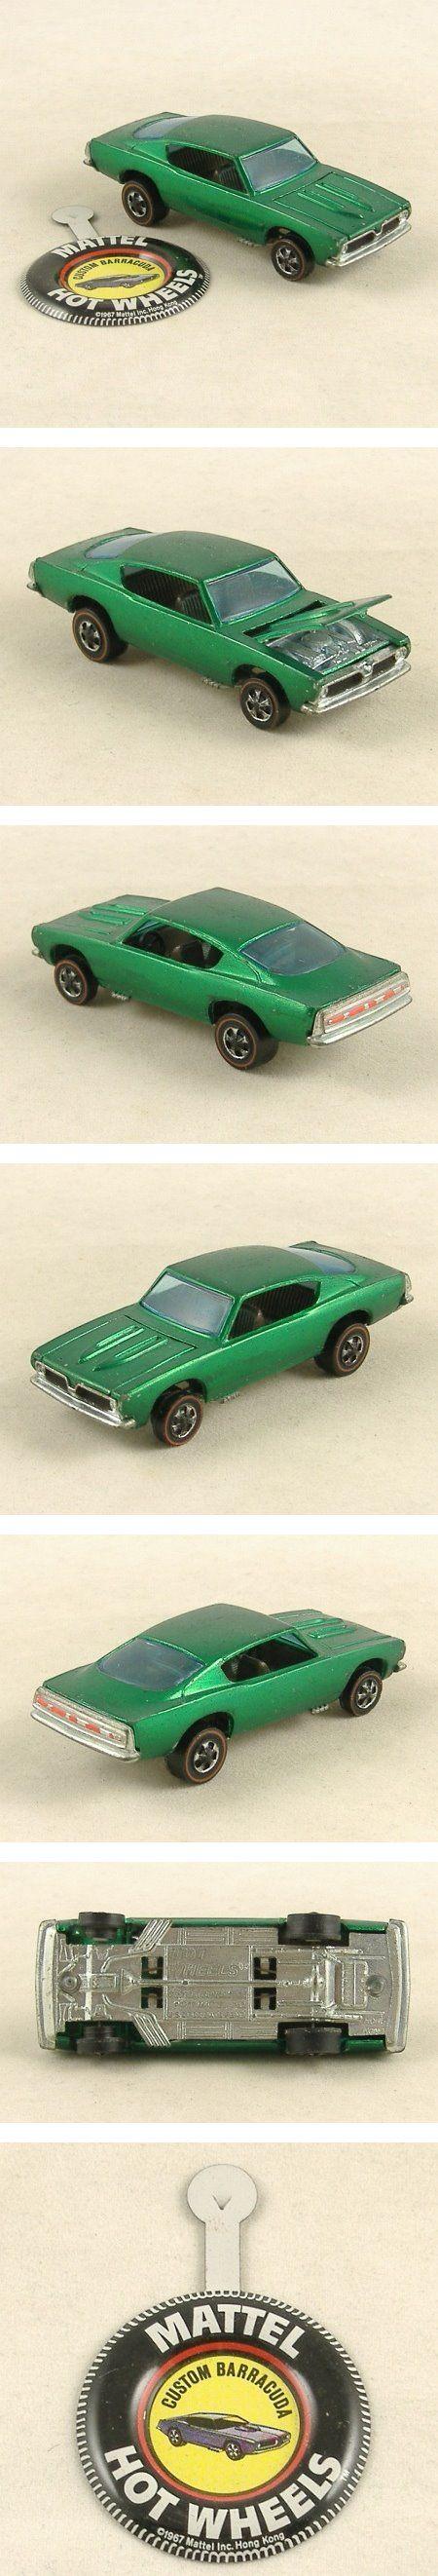 Hot wheels blackwall spider man web spider car hk superb ebay - Hot Wheels Redline Custom Barracuda